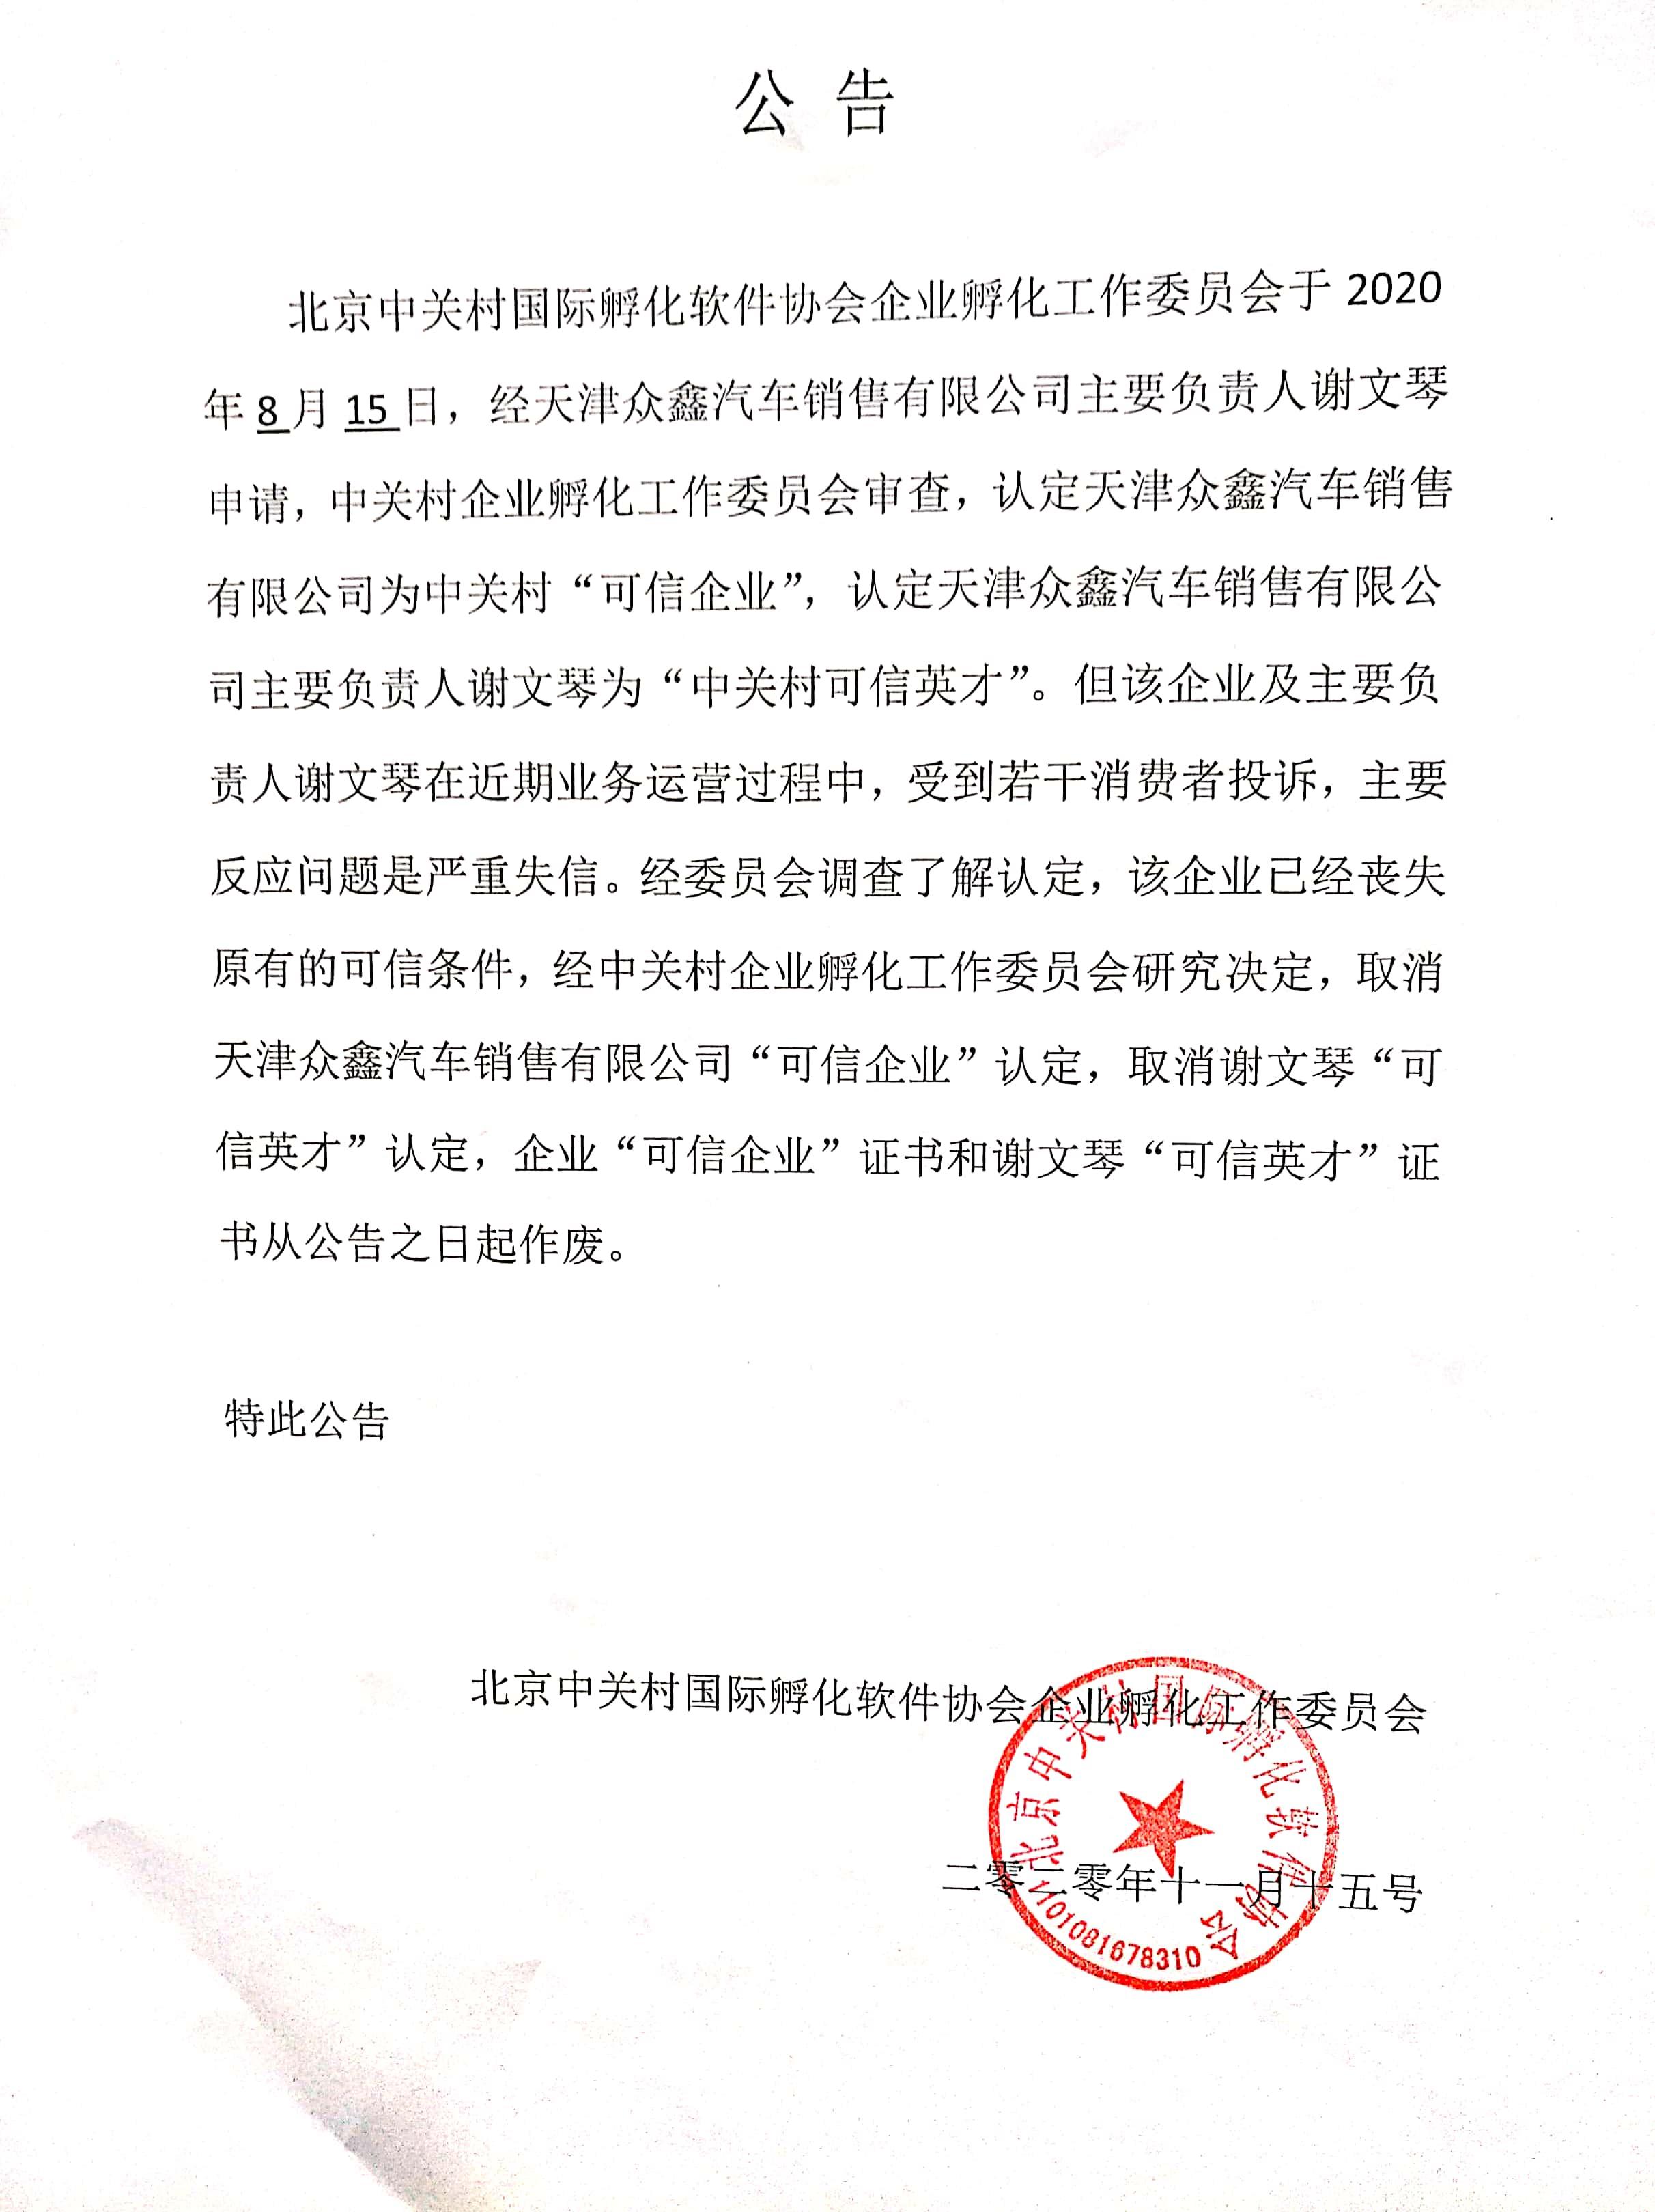 关于天津众鑫汽车销售有限公司相关公示